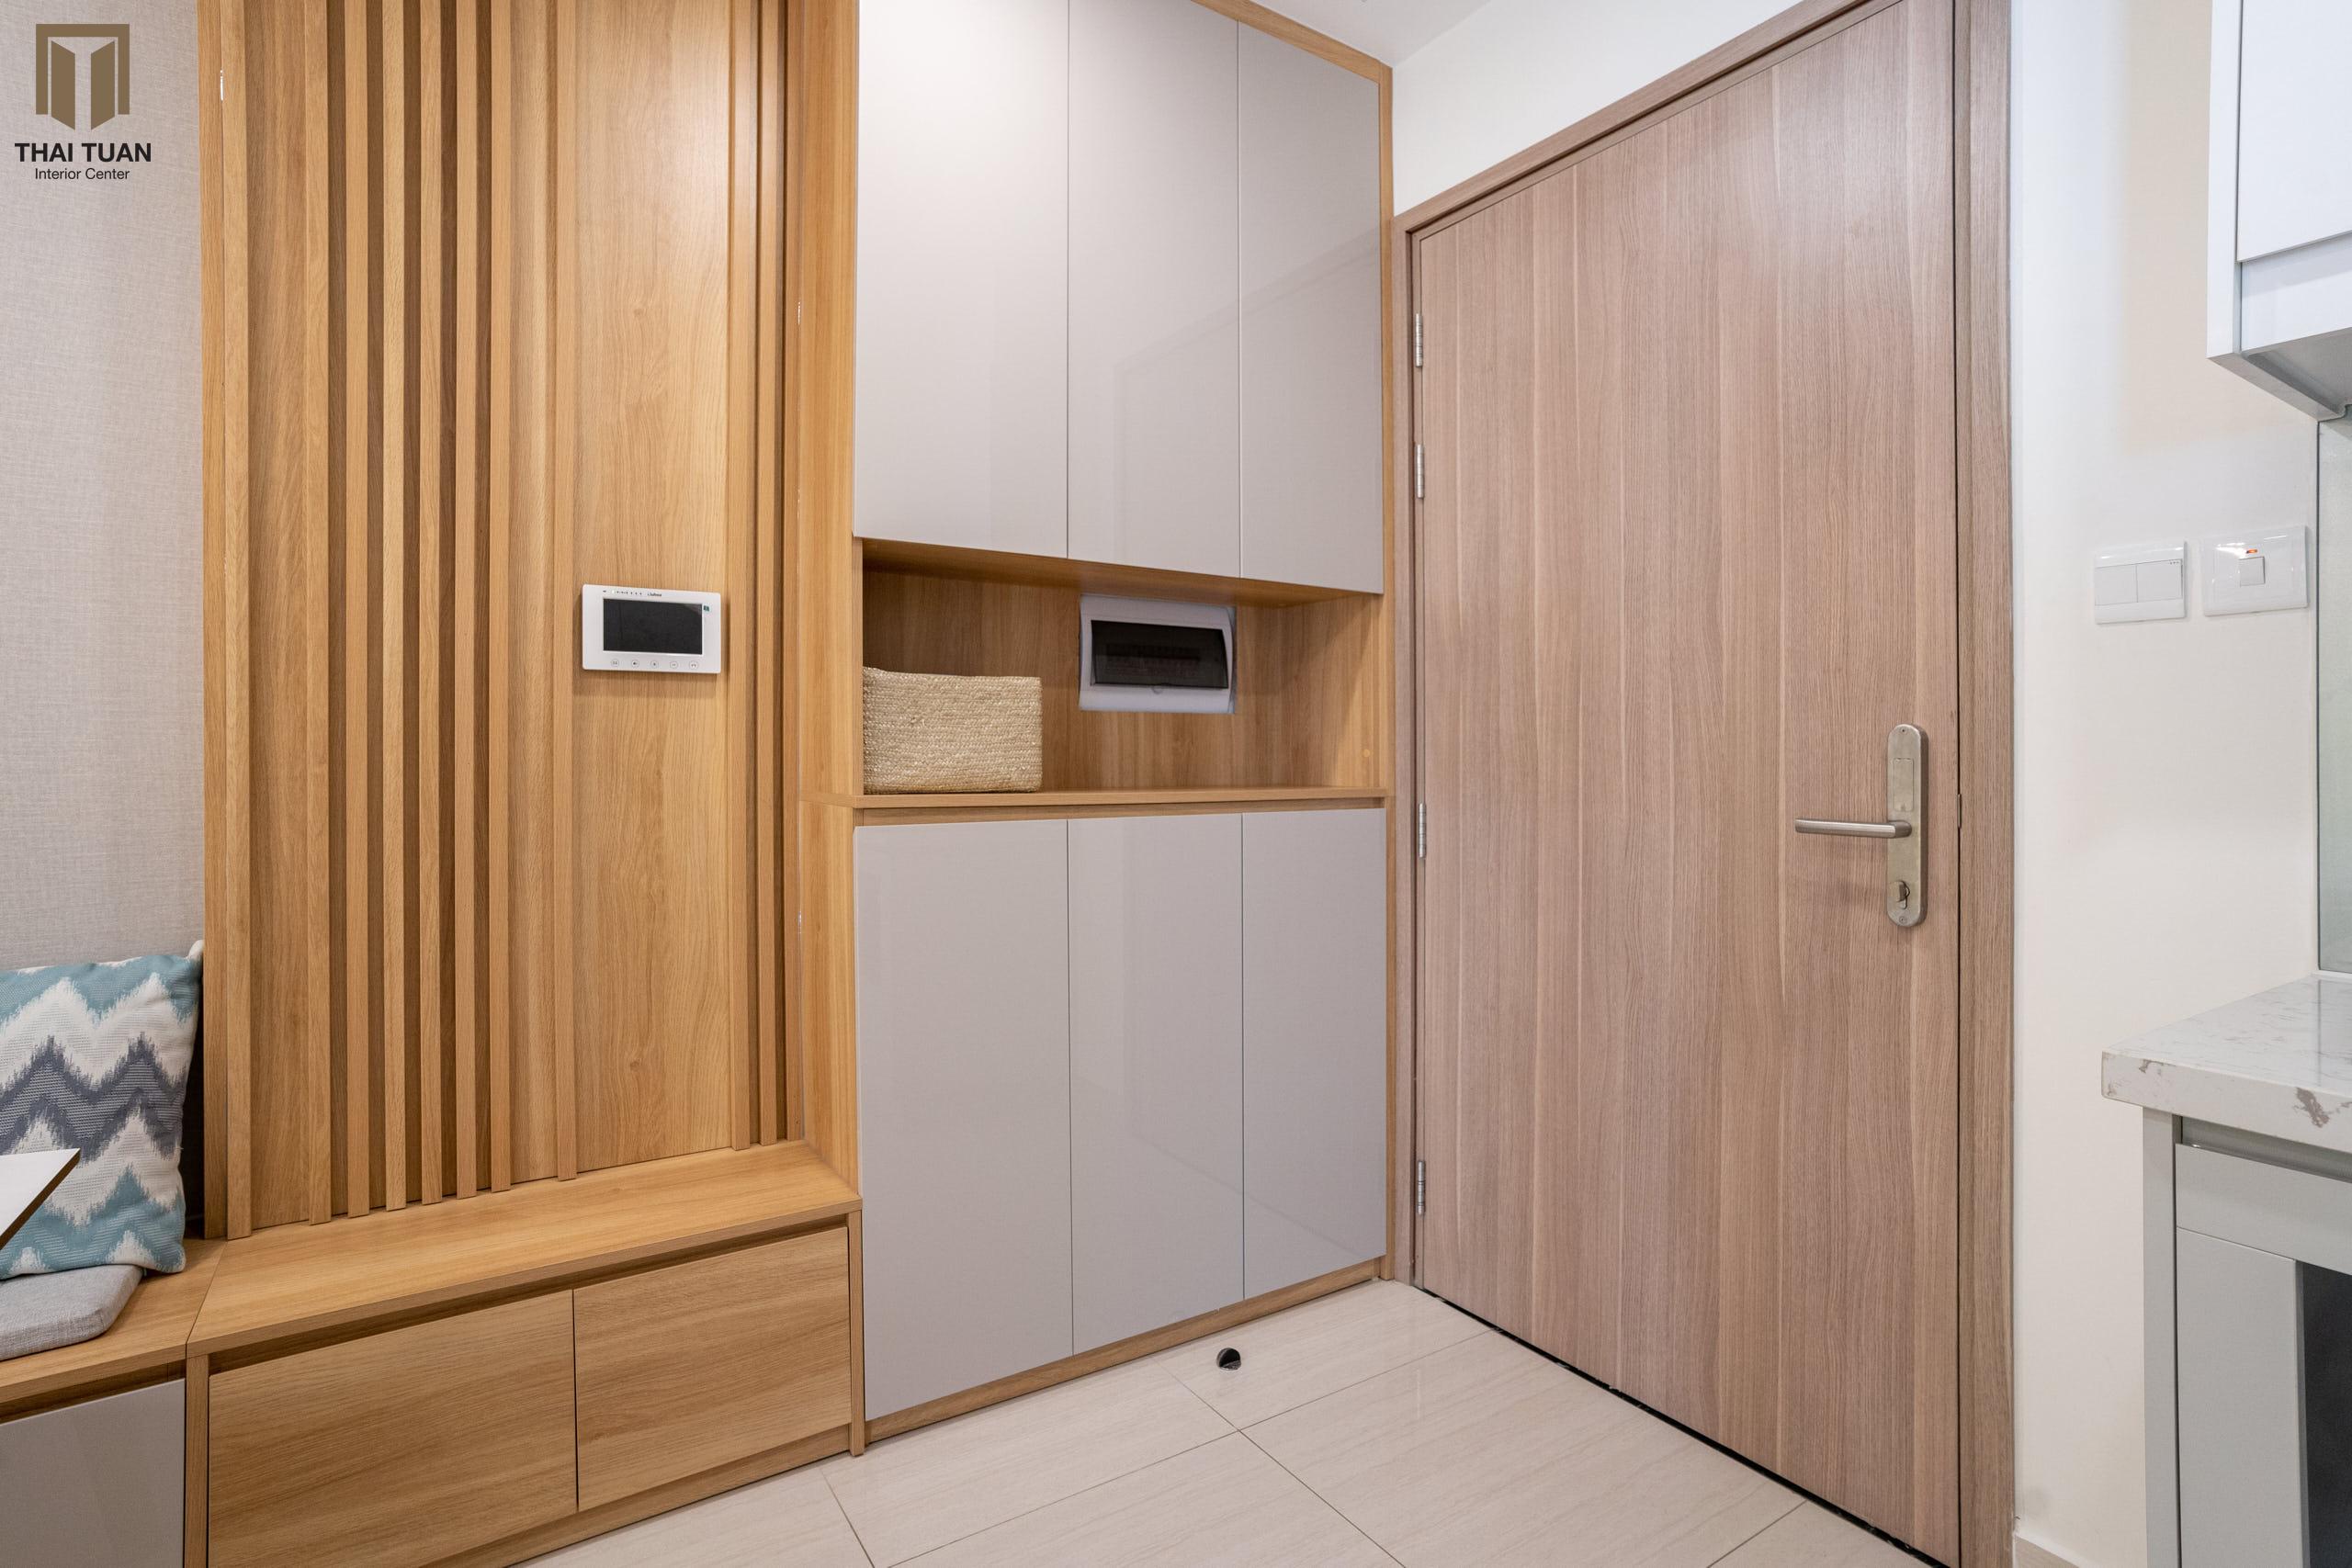 Sảnh vào nhà được thiết kế để có thể ngồi, lưu trữ đồ hợp lí